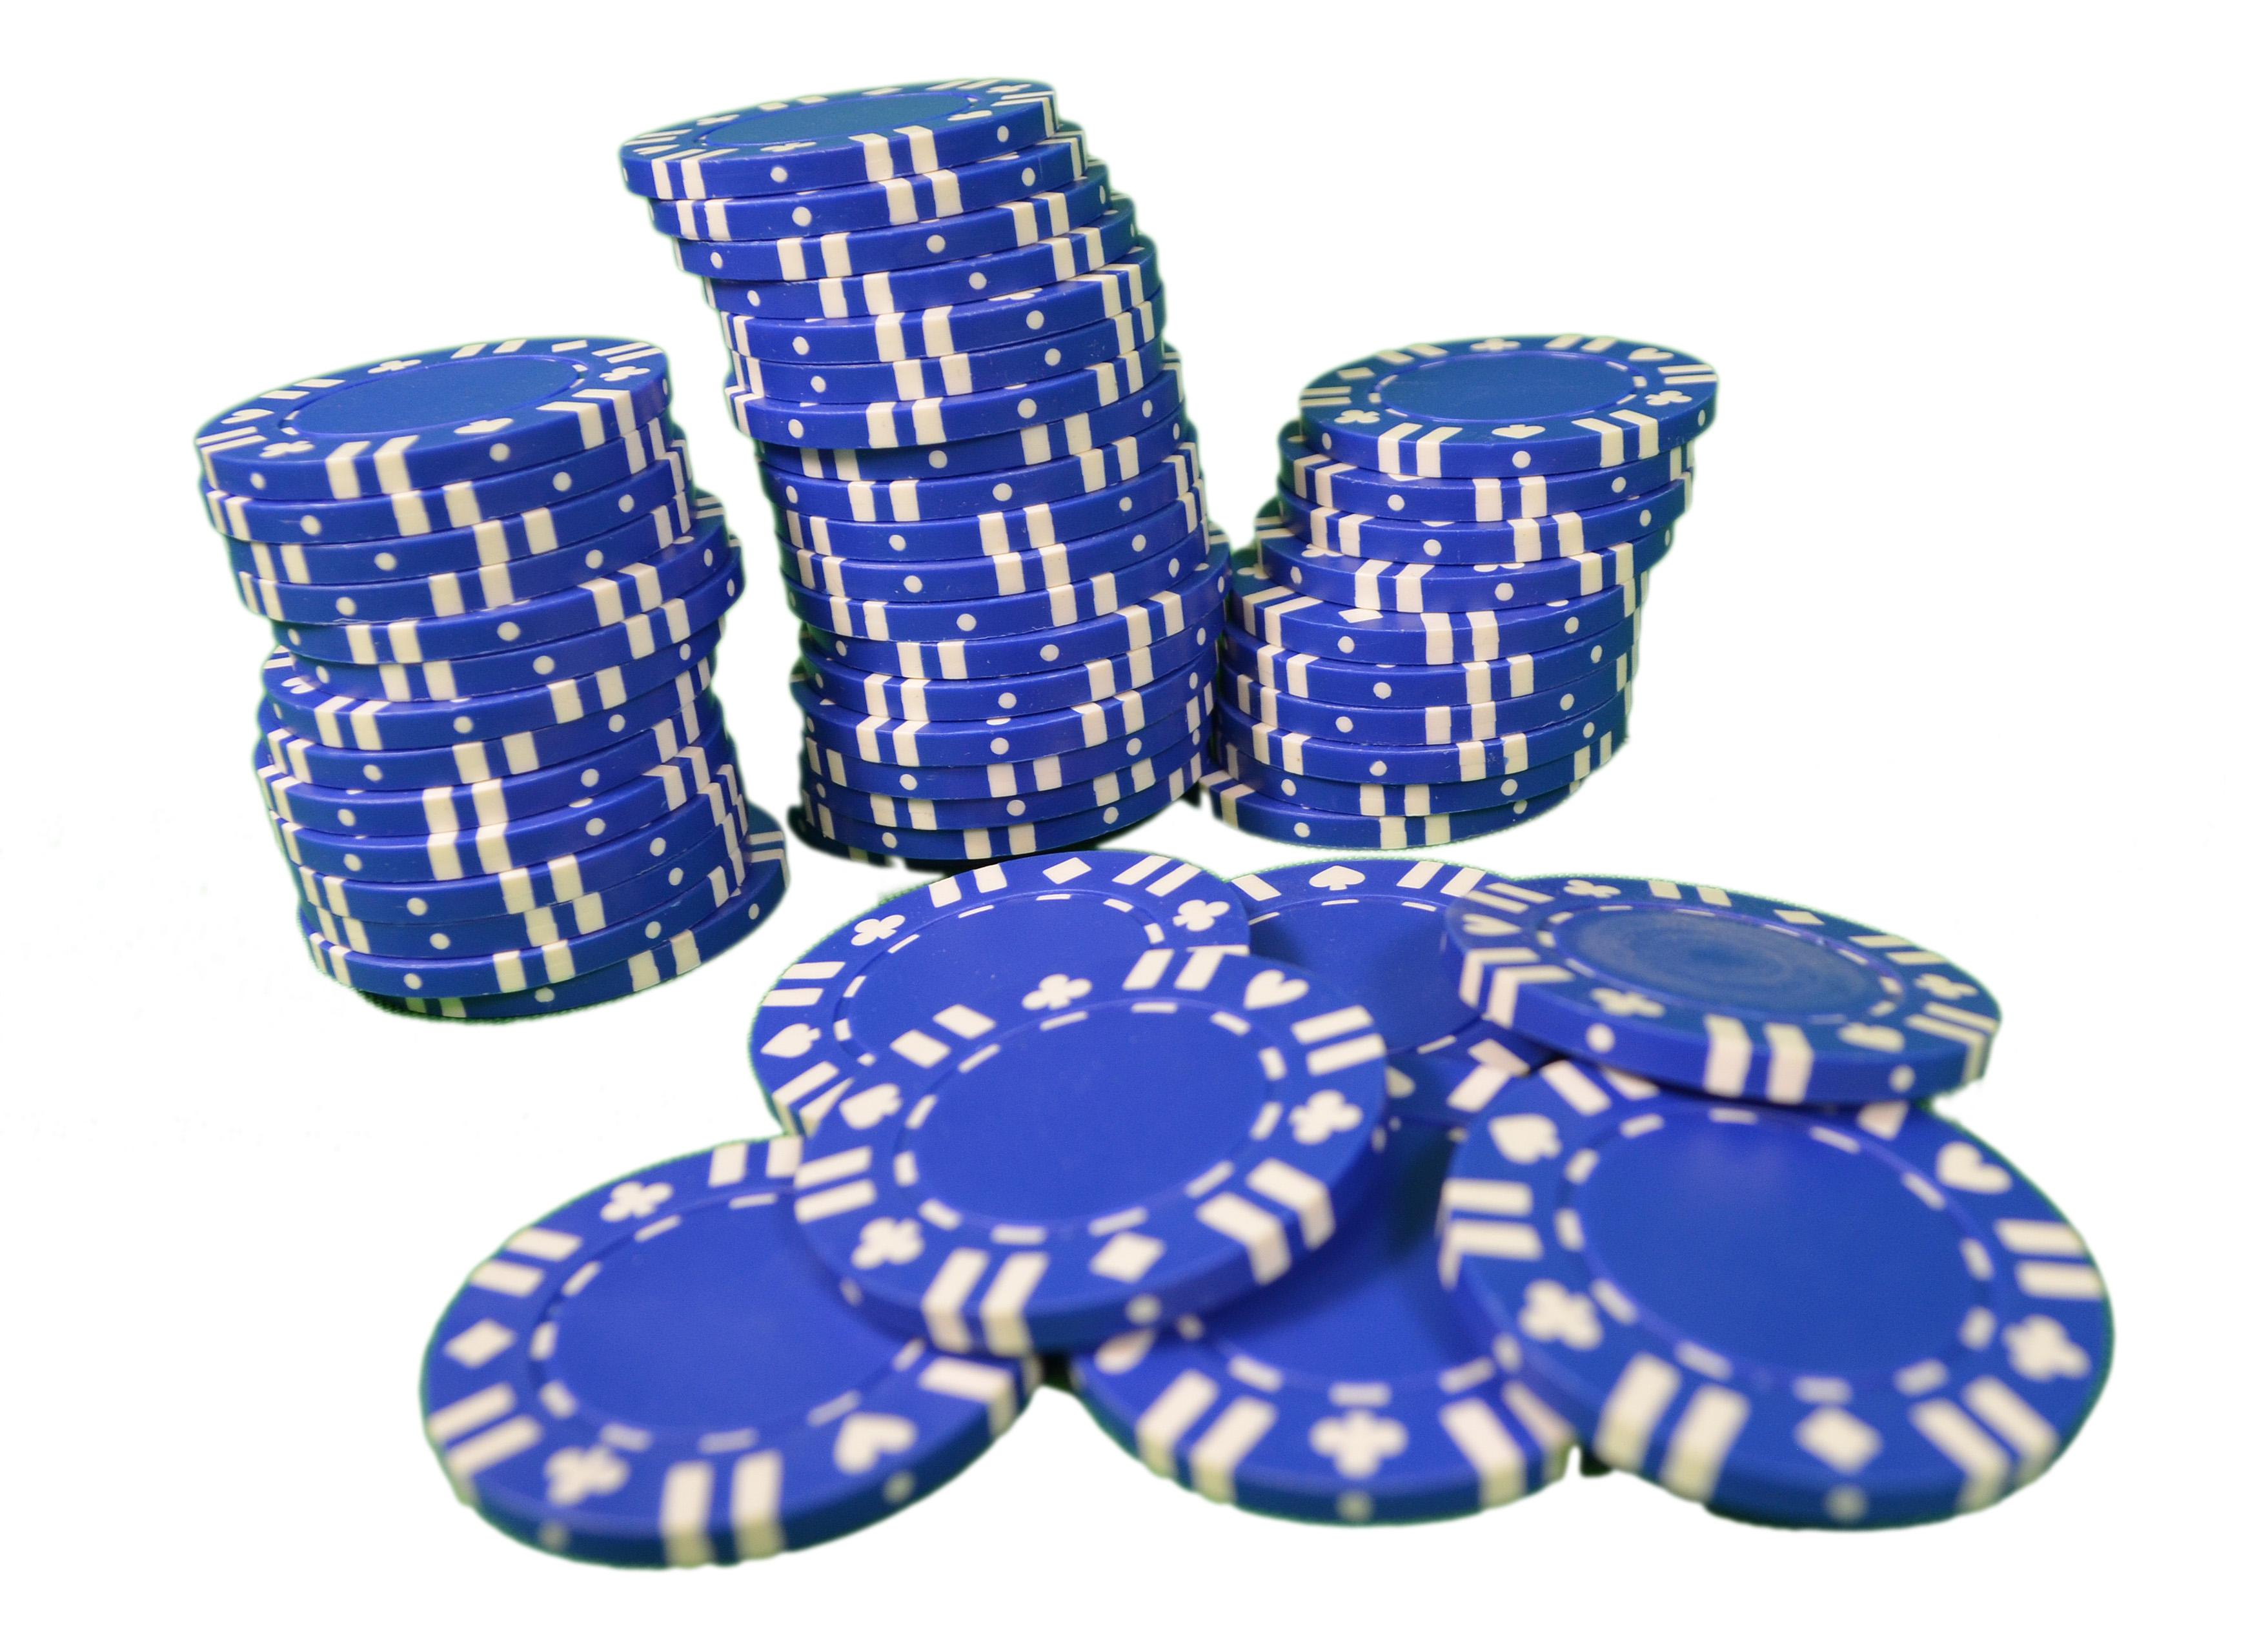 Blue Chip Poker